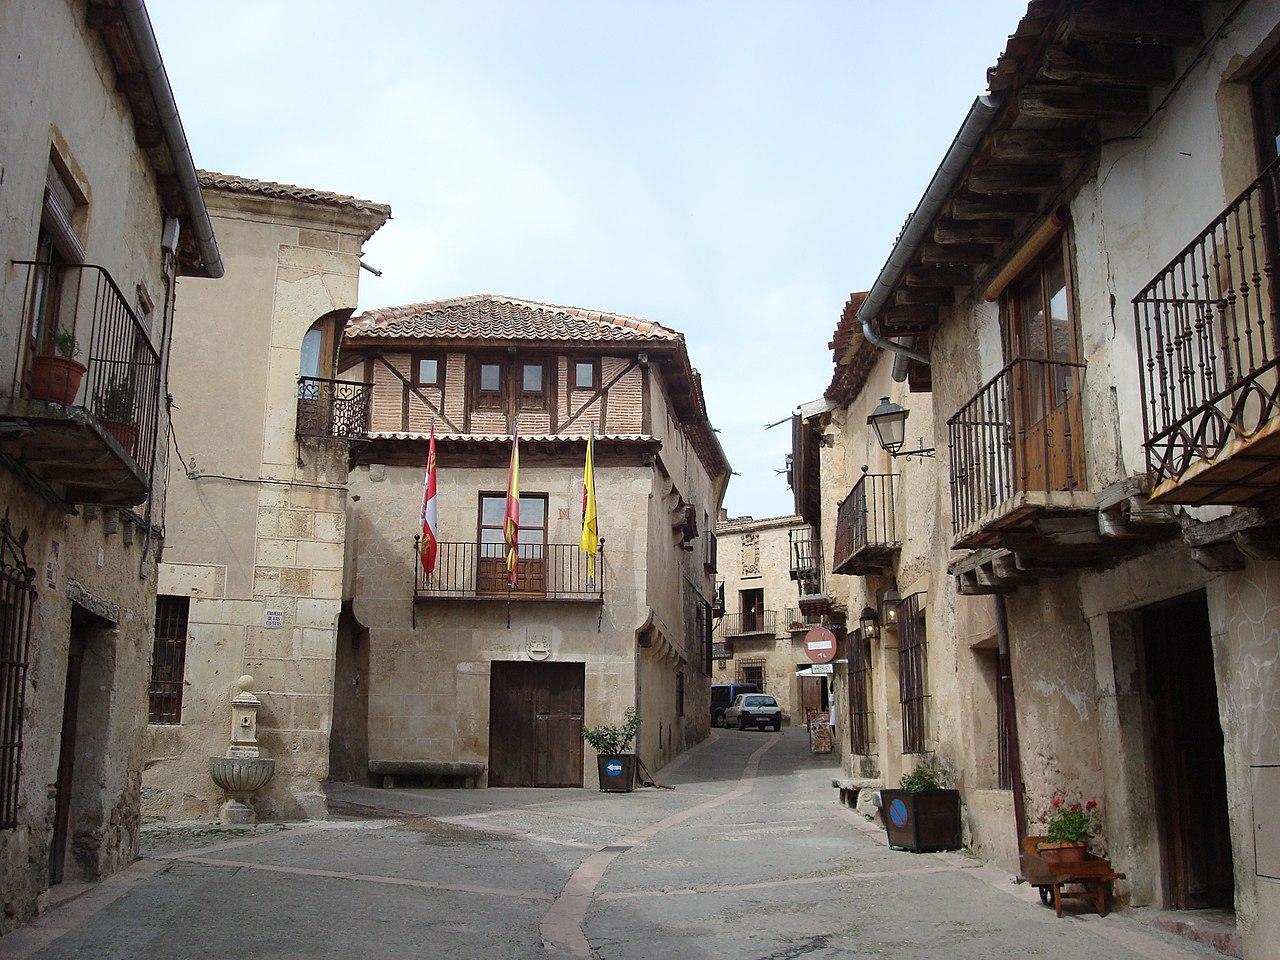 Una calle en Pedraza